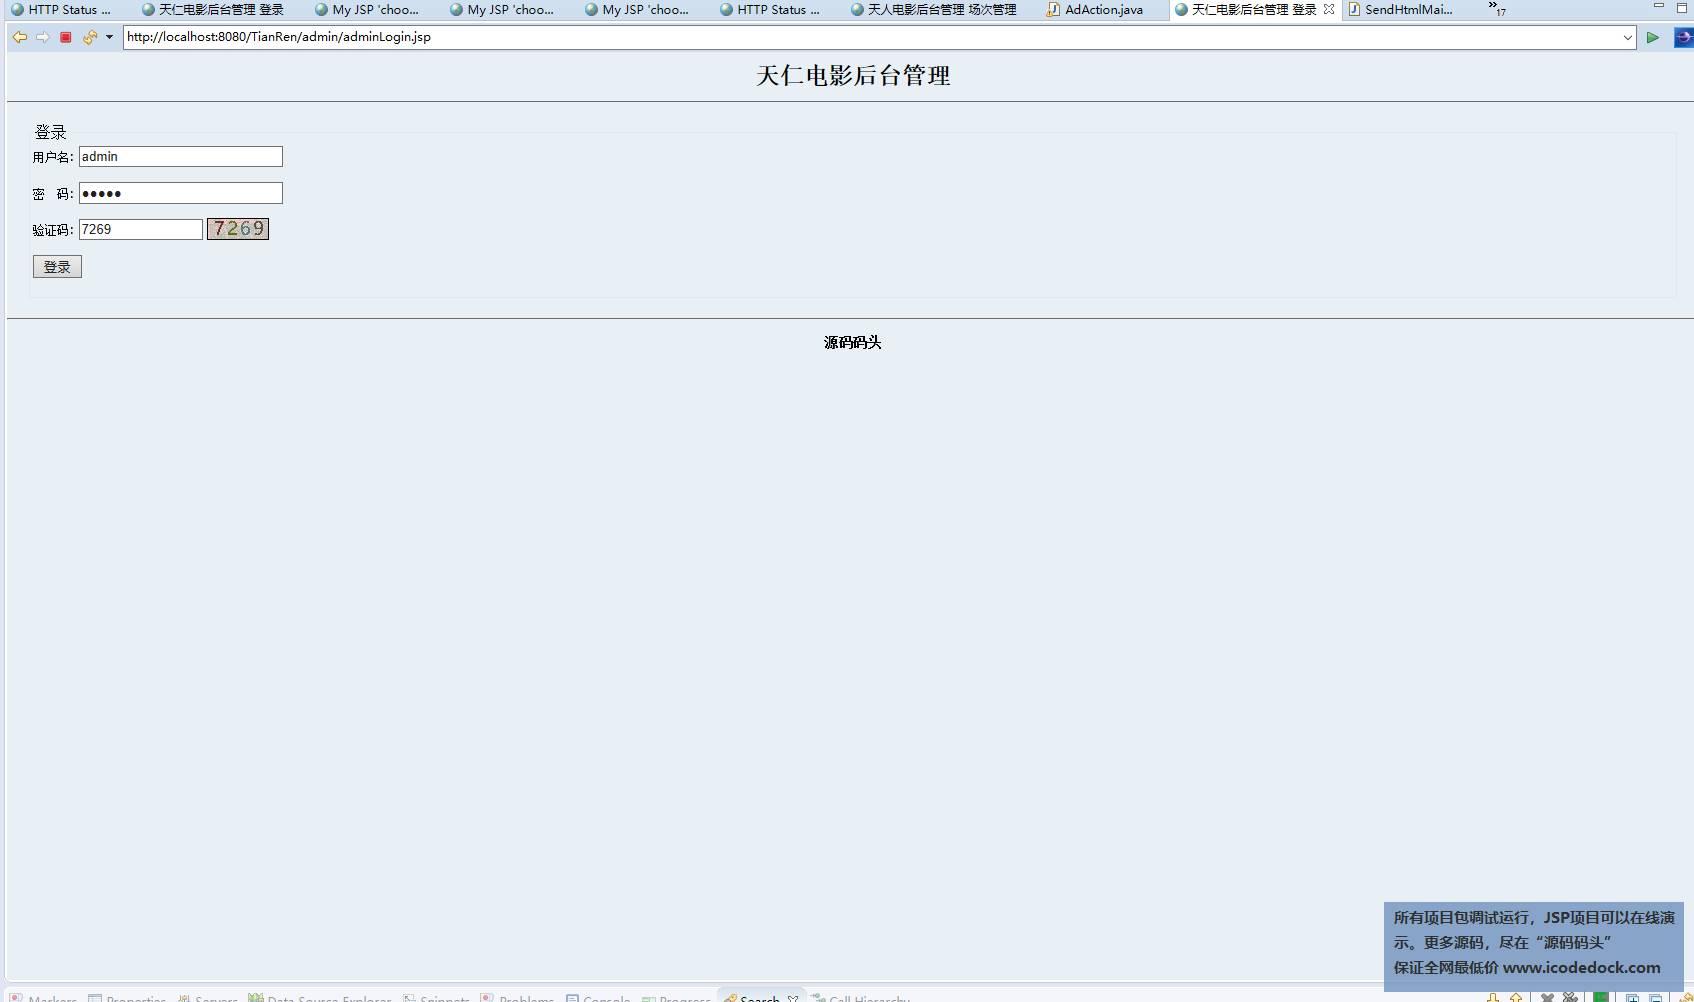 源码码头-SSH电影订票管理系统-管理员角色-后台登录页面